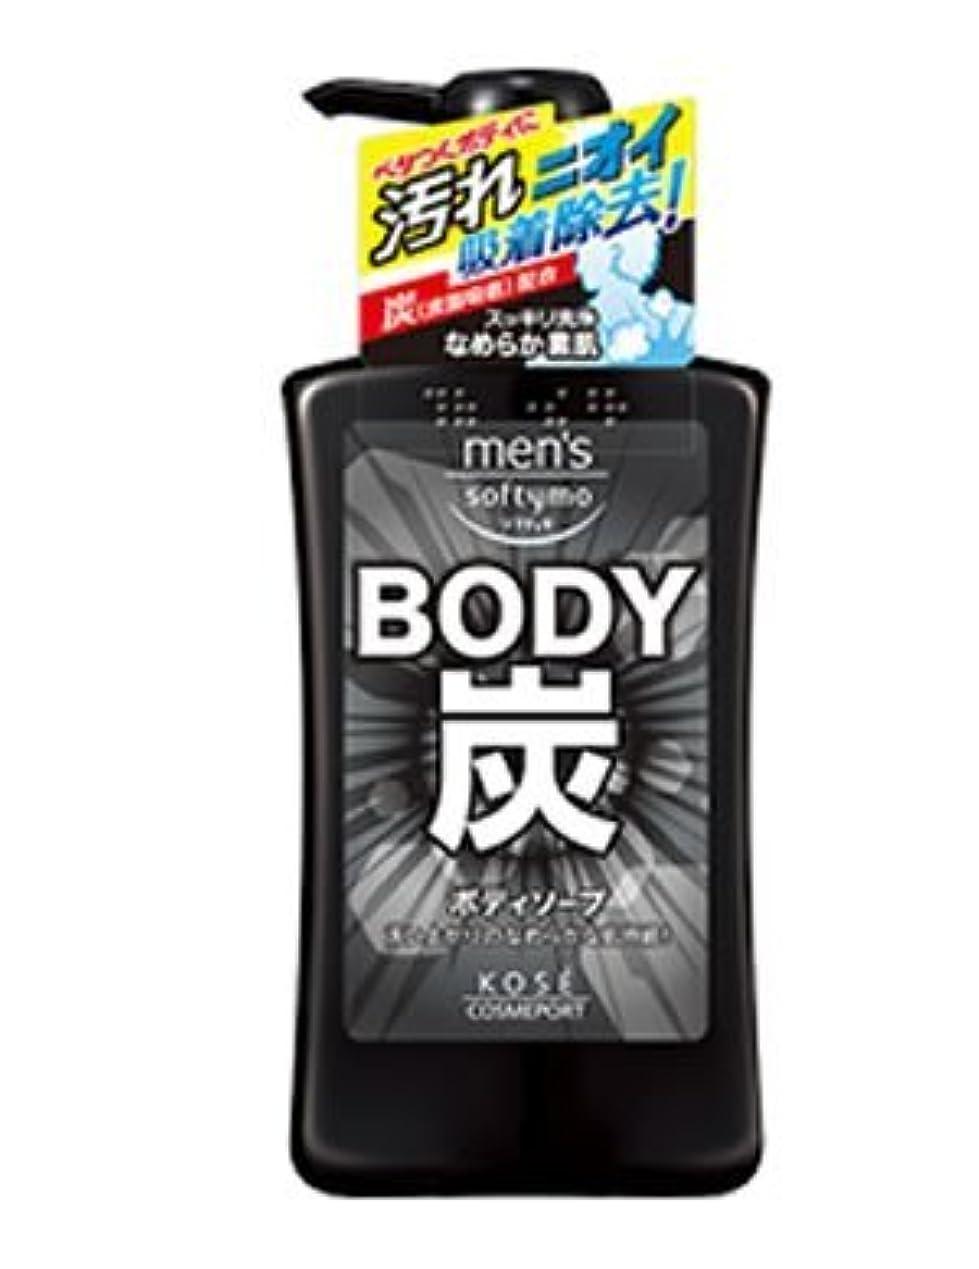 ハプニング拷問動かないコーセー(KOSE)メンズソフティモ ボディソープ(炭)シトラスミントの香り 550ml(お買い得3個セット)